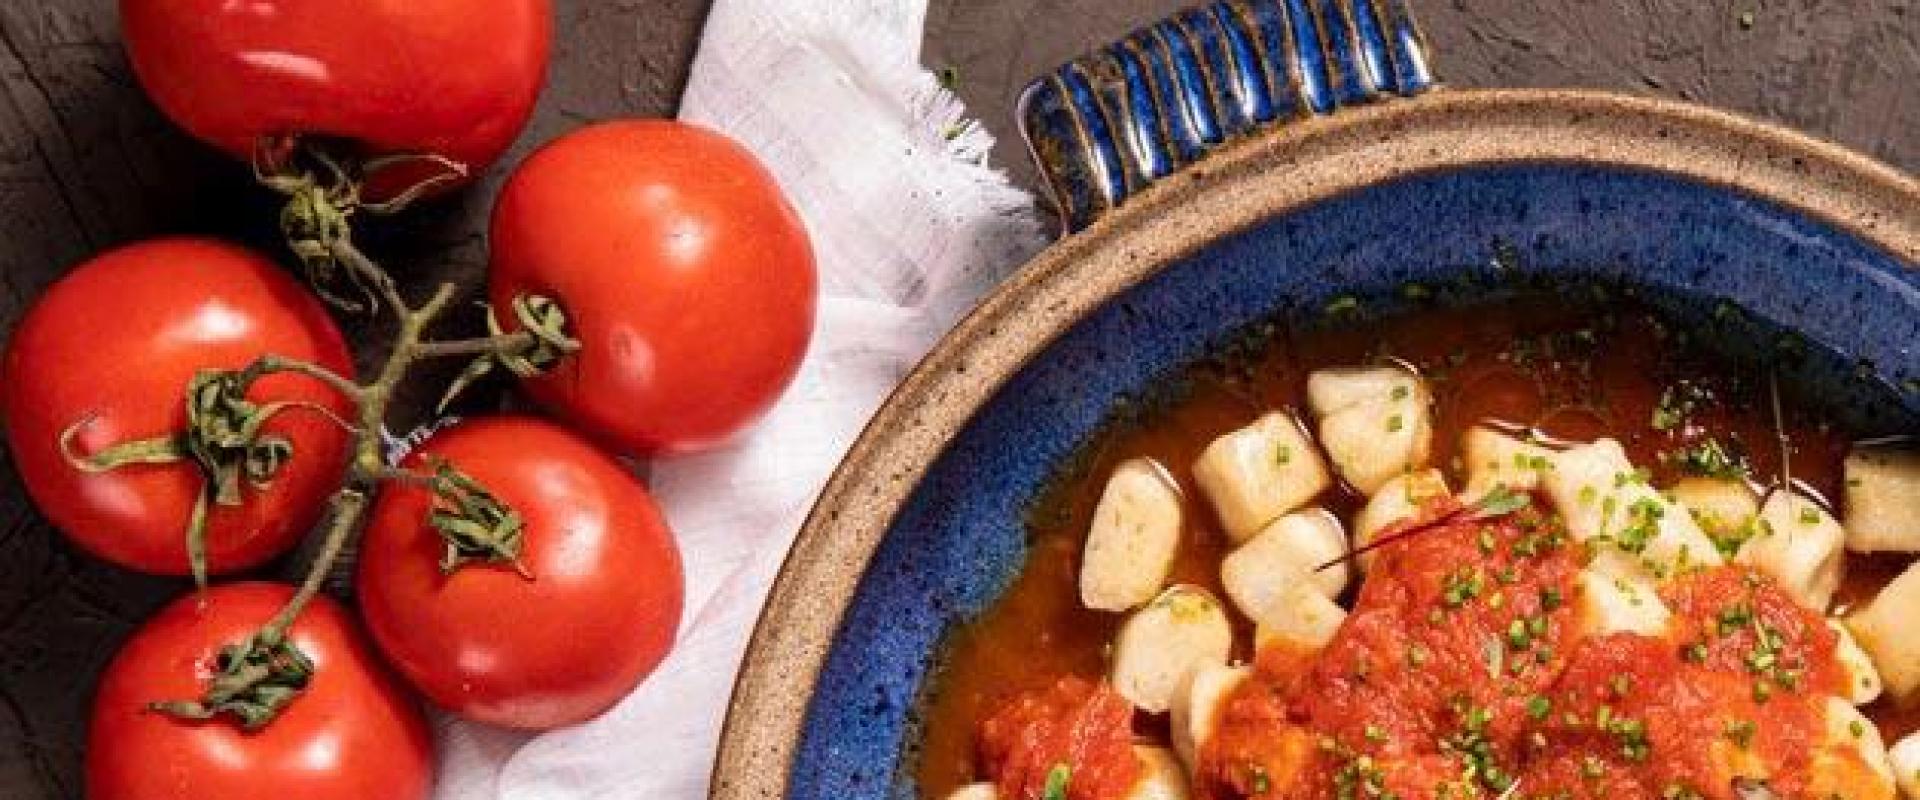 Tomates e gnocchi Organico Gourmet